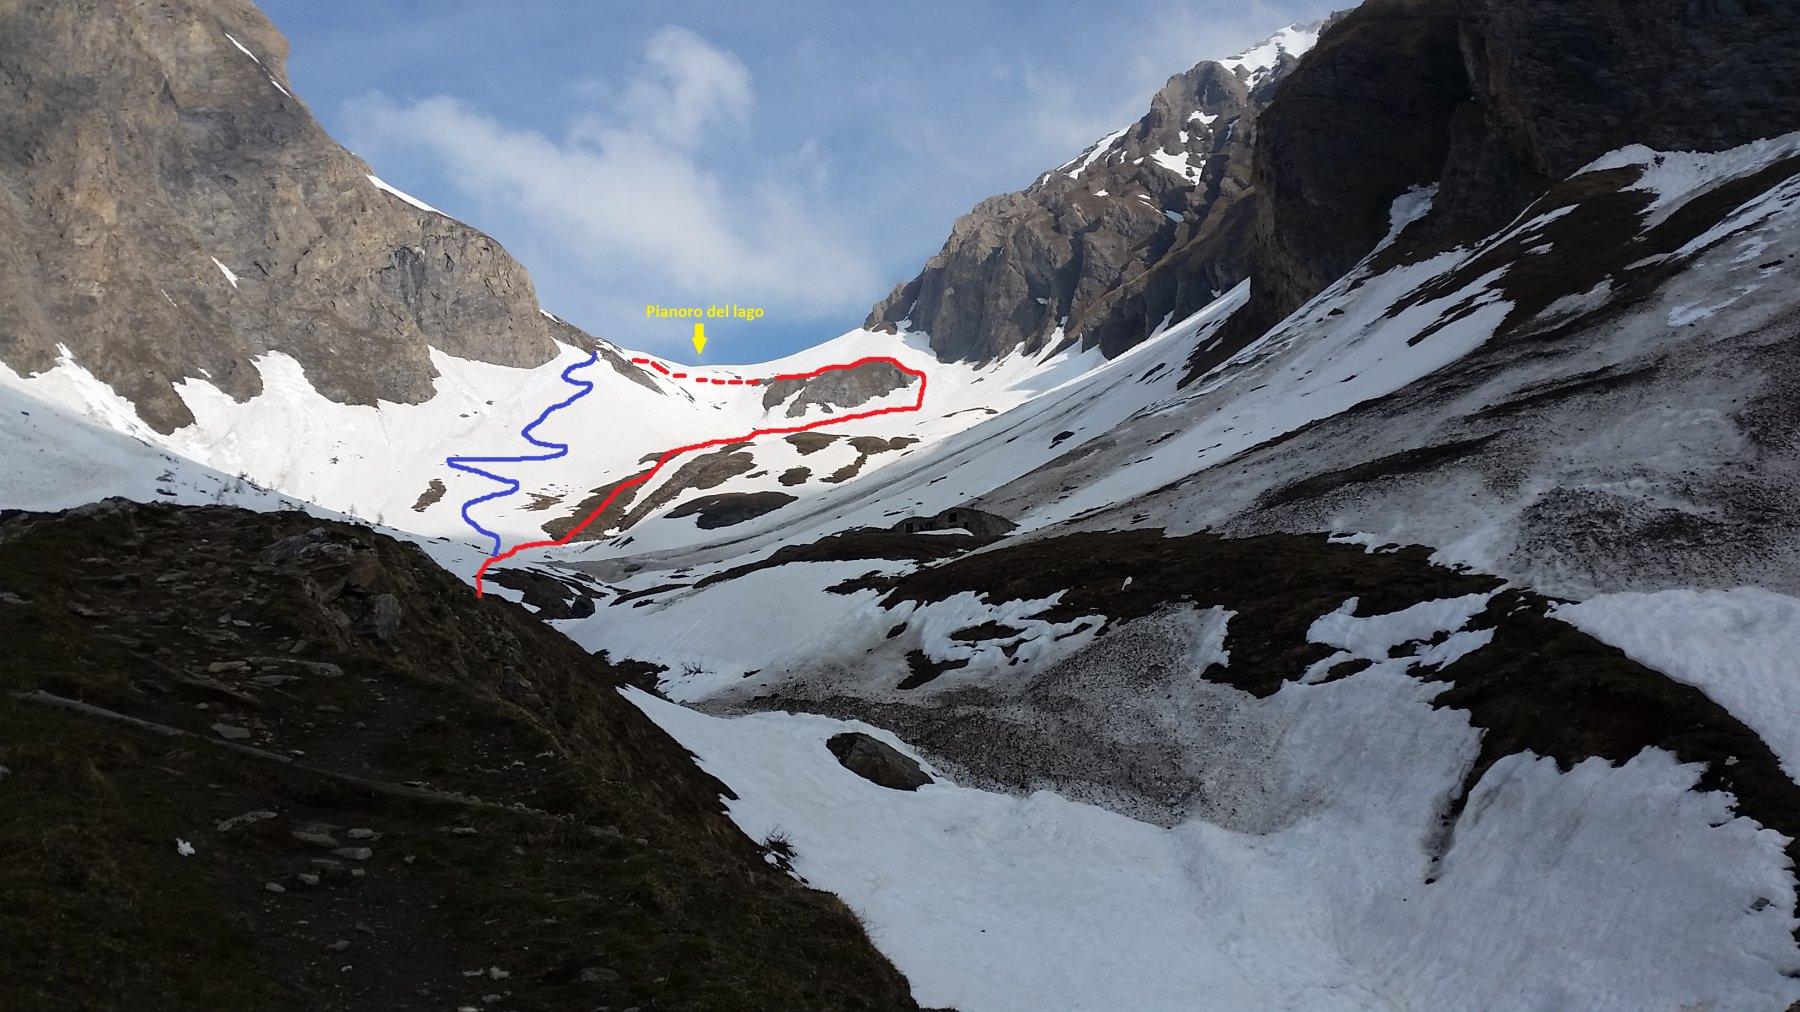 Visti dai pressi delle Alpi di Crotte: in blu il percorso del sentiero estivo (tutto a sinistra salendo) in rosso il percorso seguito; tratteggiato il percorso non effettuato.